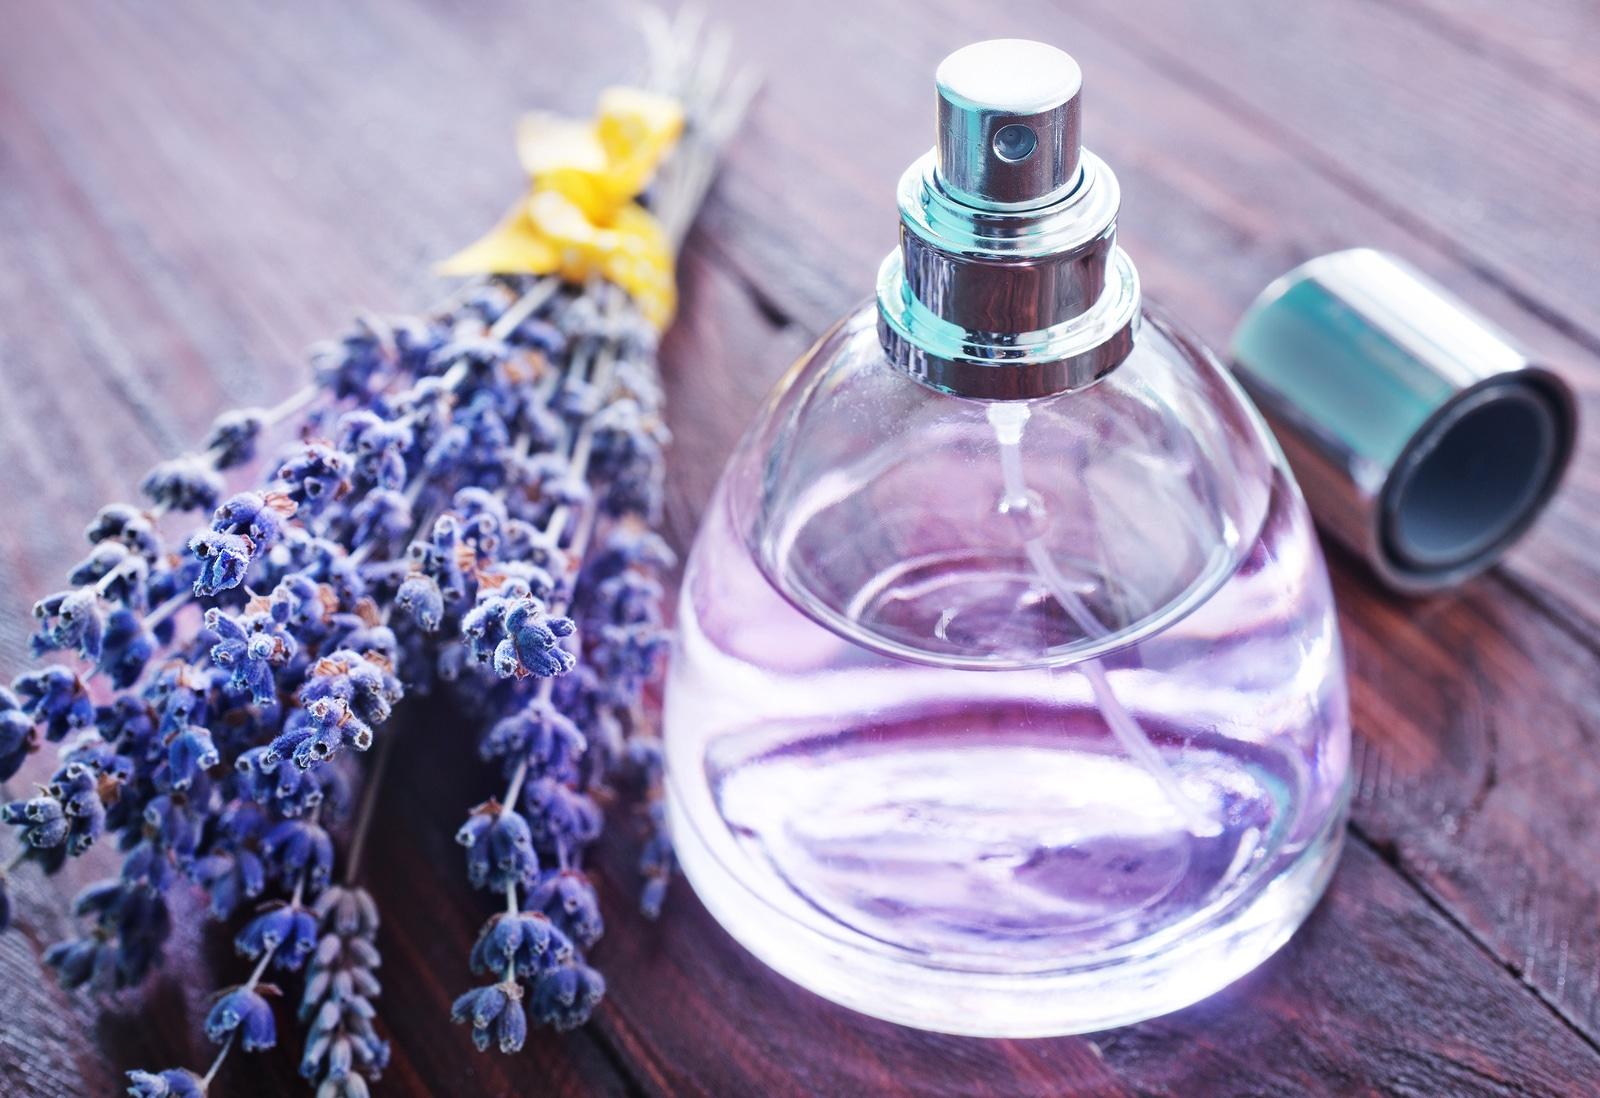 ¿Cuándo caducan los perfumes?